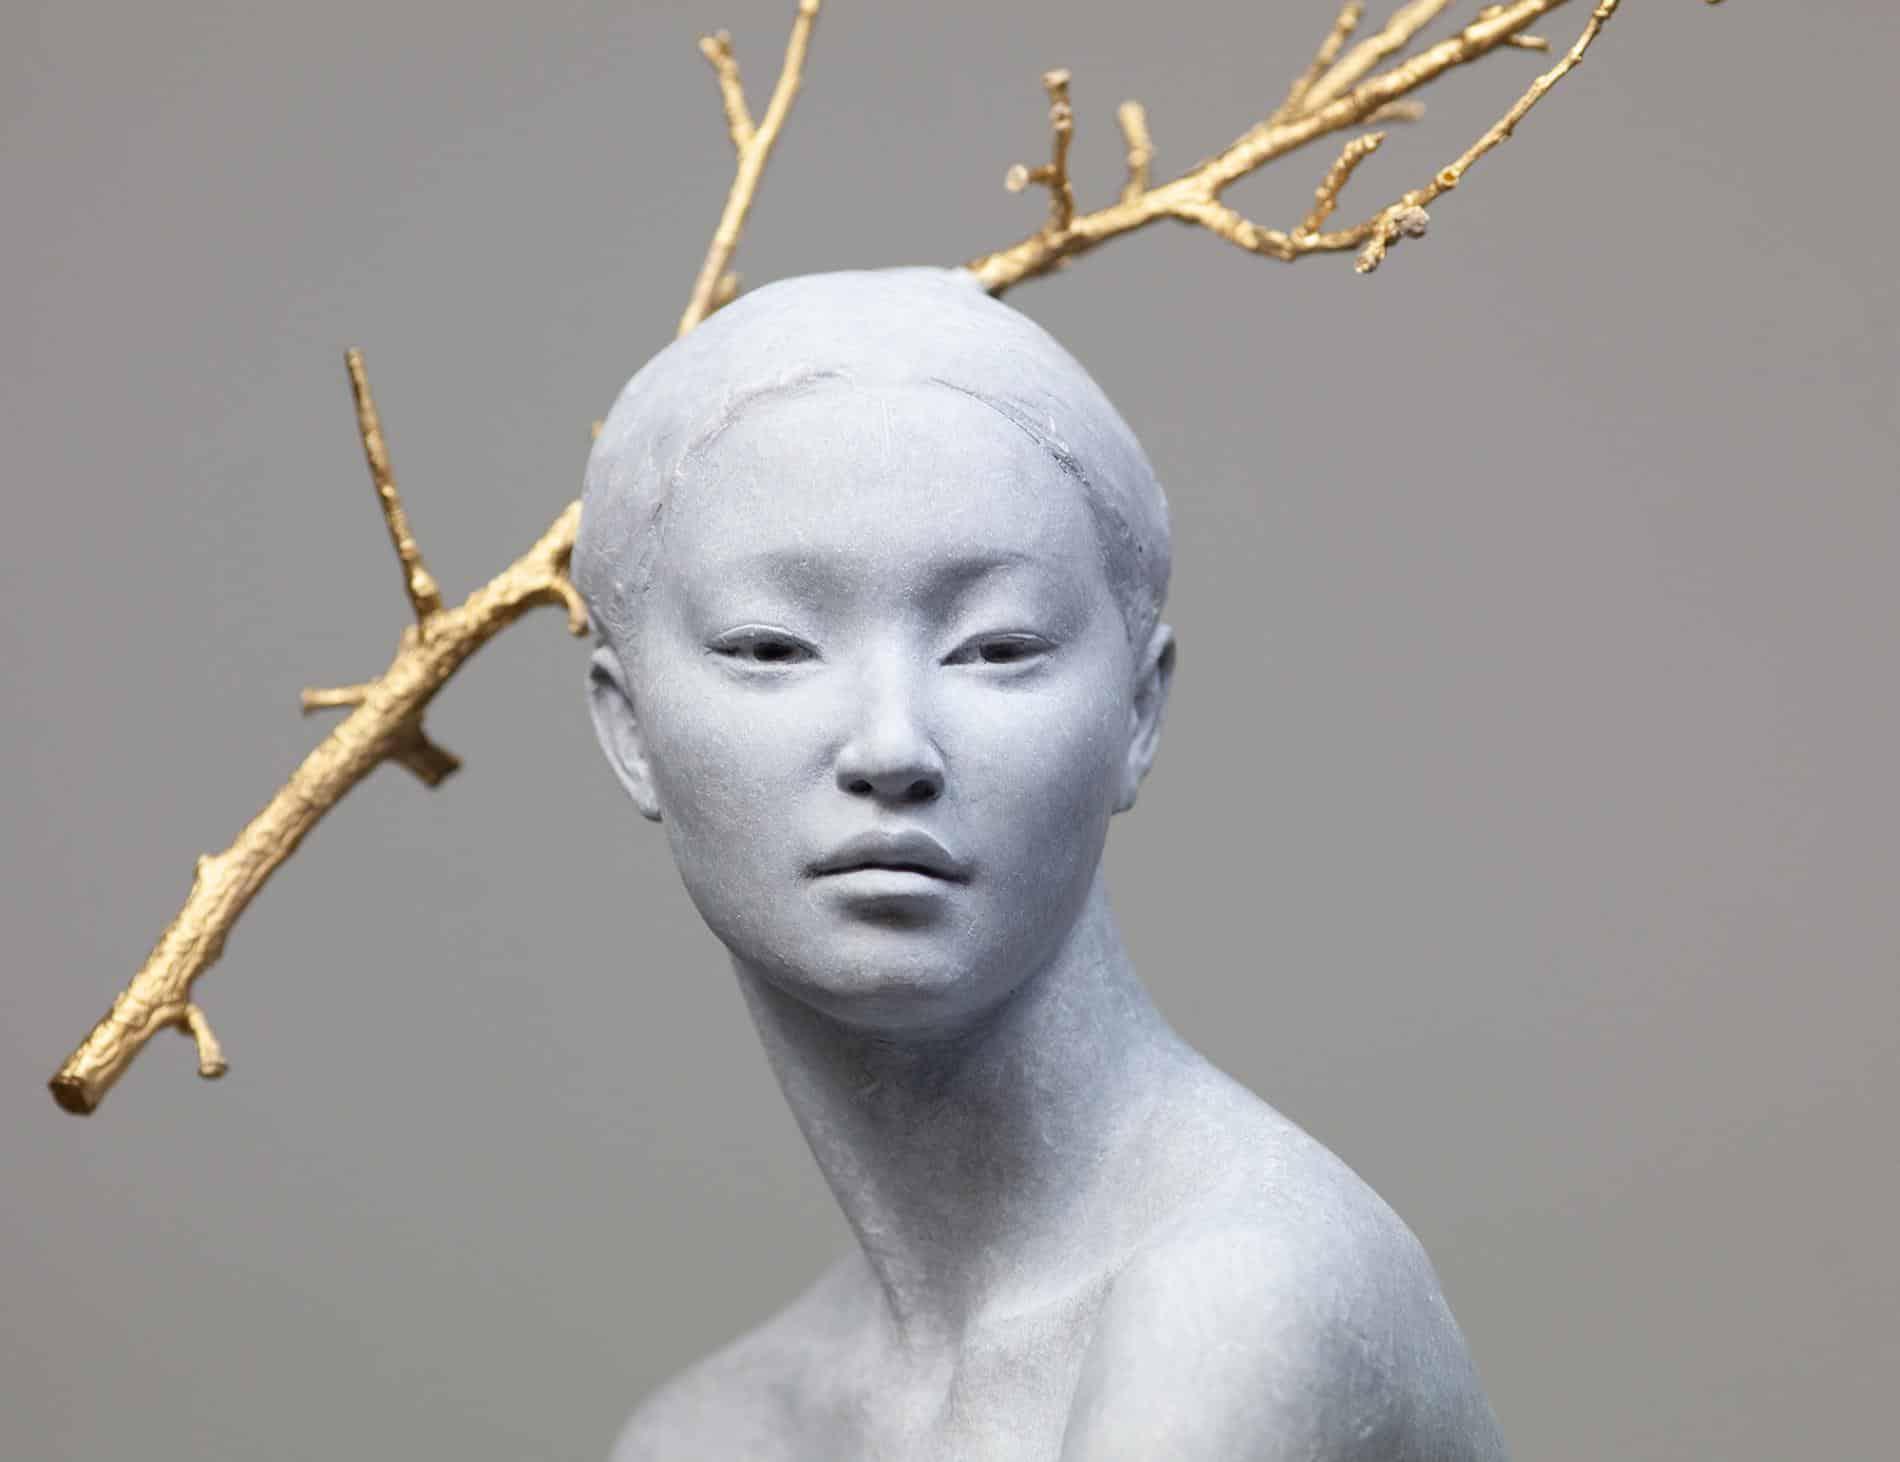 escultura coderechmalavia Detail of Haiku